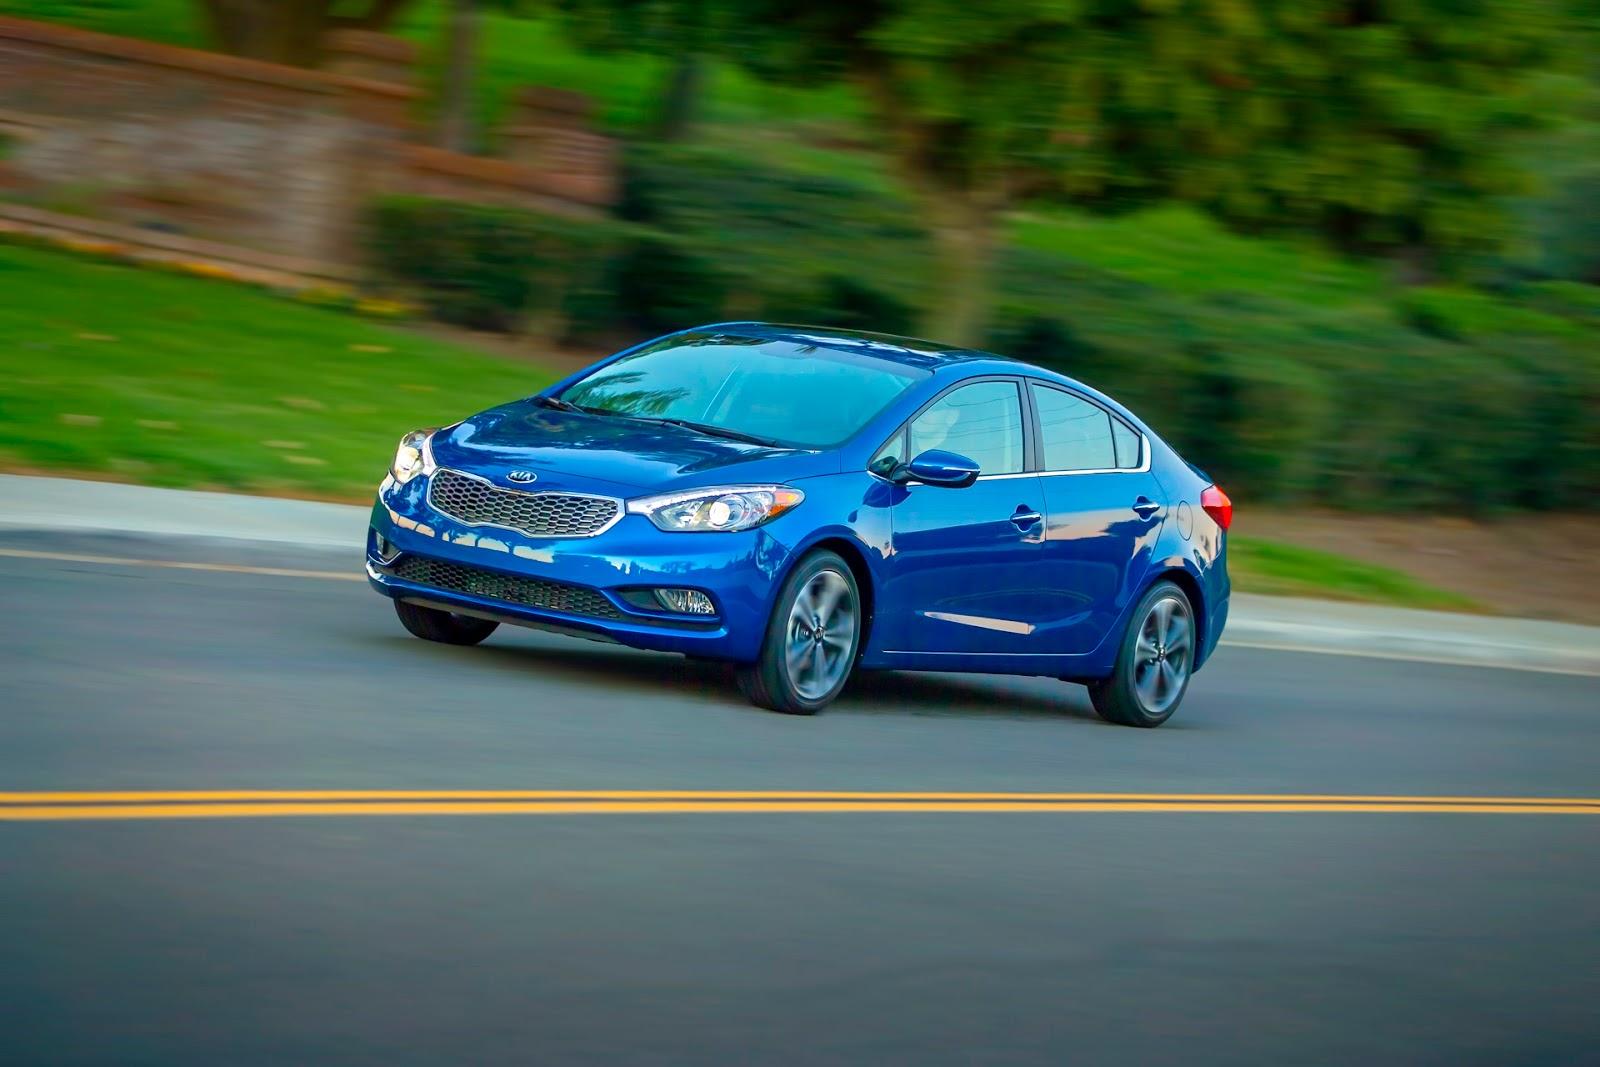 Đánh giá xe Kia Forte 2016 - Tiền nào của nấy